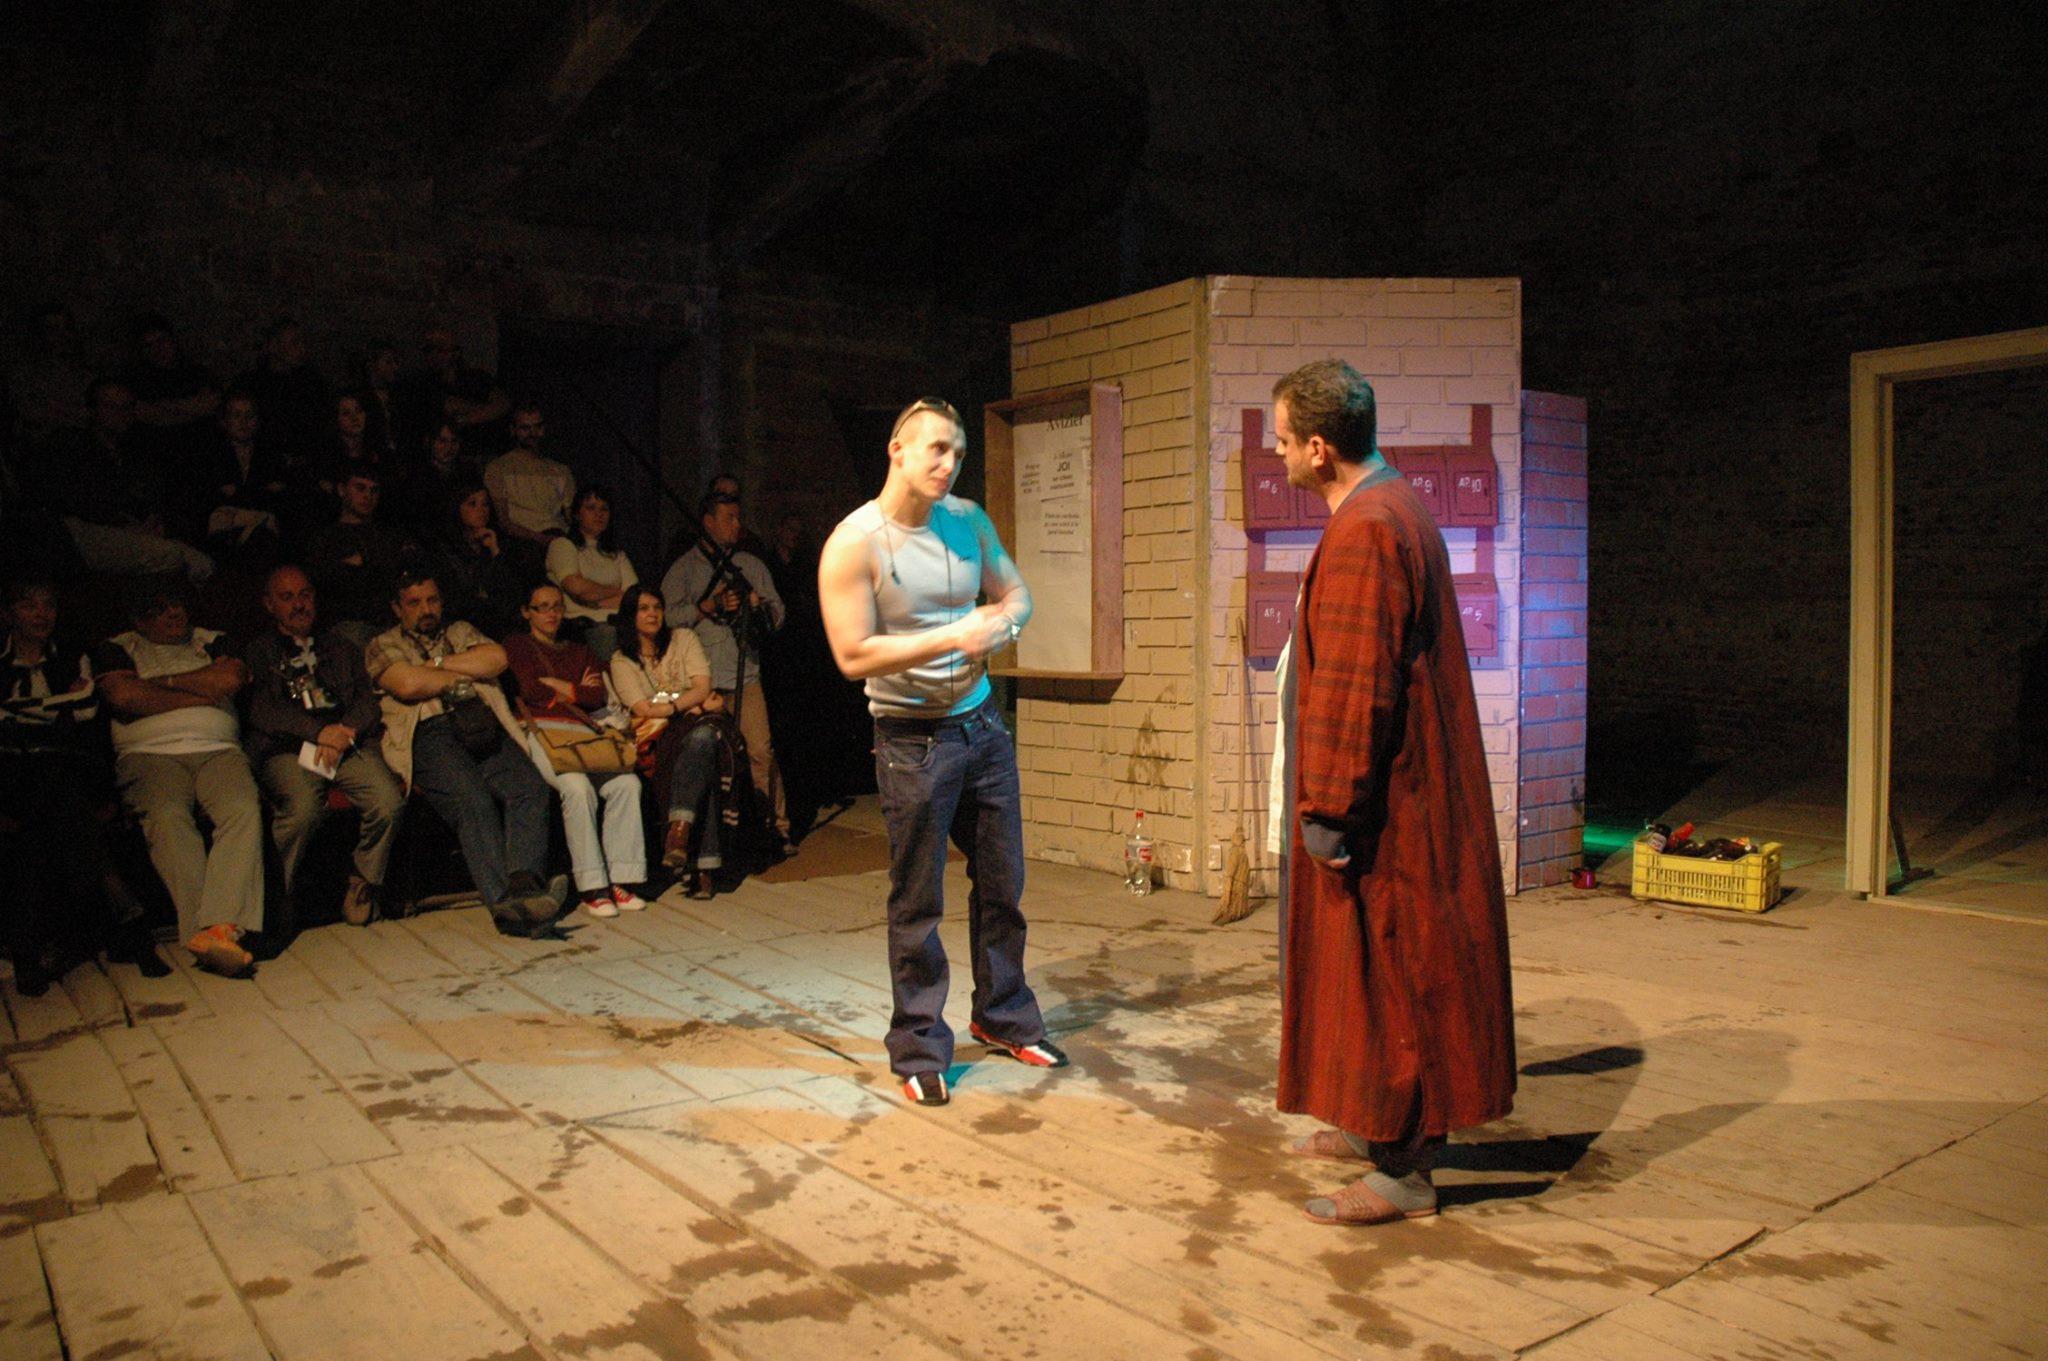 spectacolul Joi cu detinutii de la Penitenciarul de Maxima Siguranta Arad